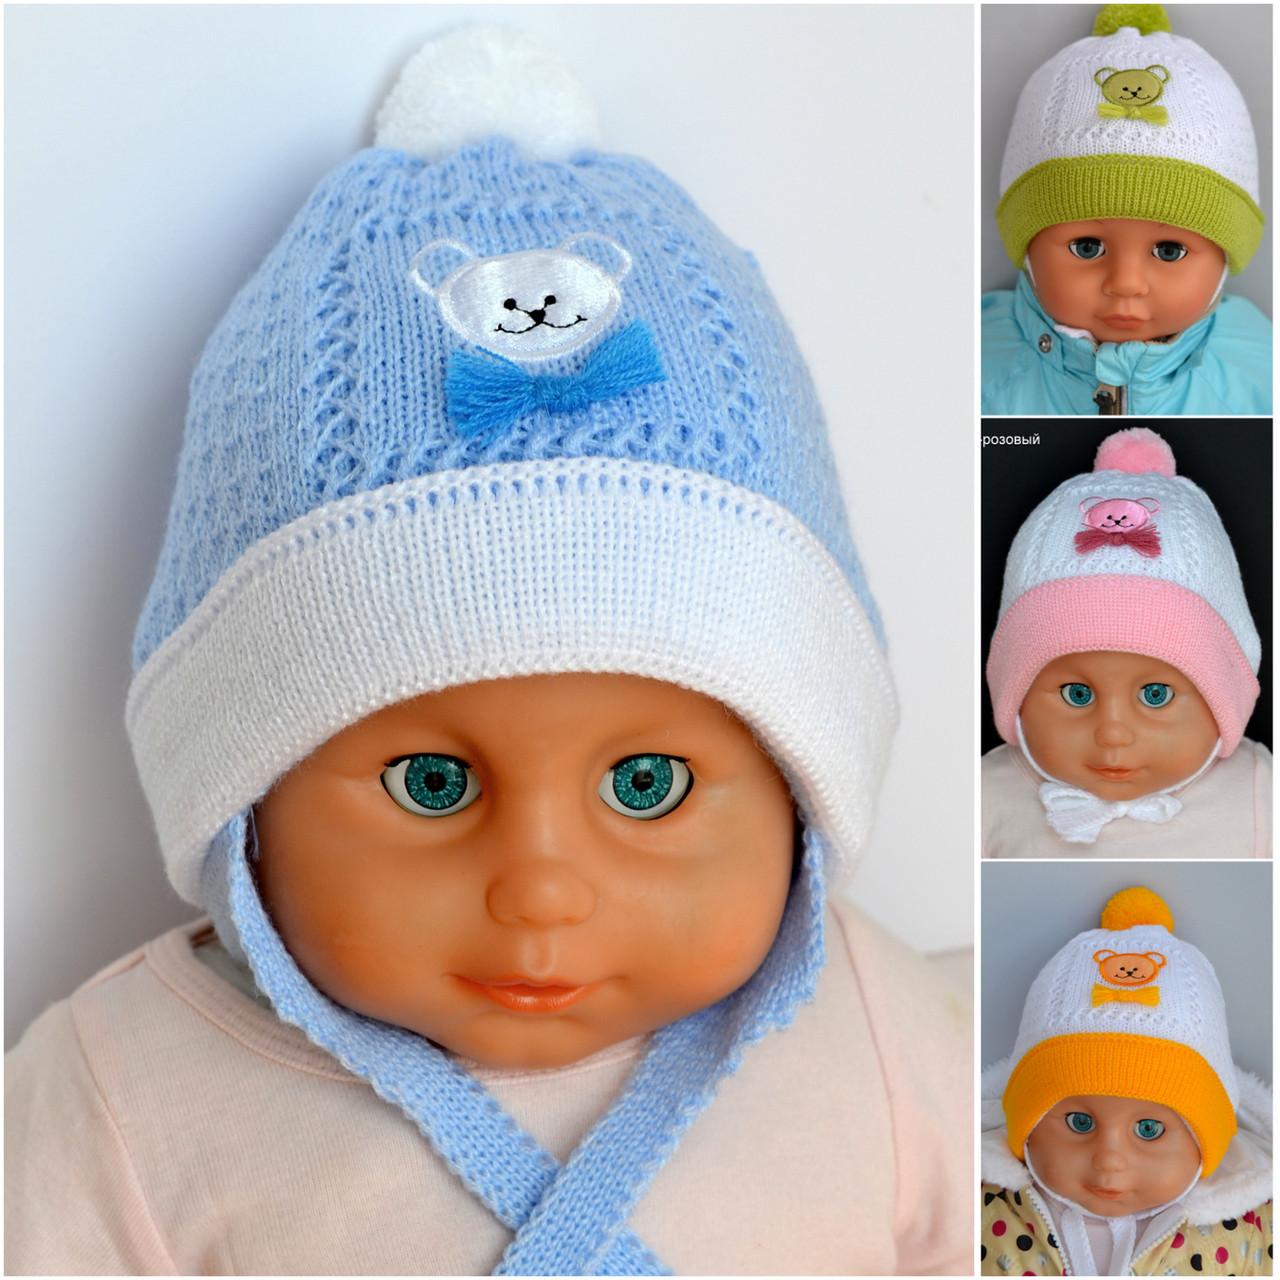 Мишка, двойная детская шапка весна/осень, р. 40-42.  розовый, белый+розовый, белый+голубой, голубой